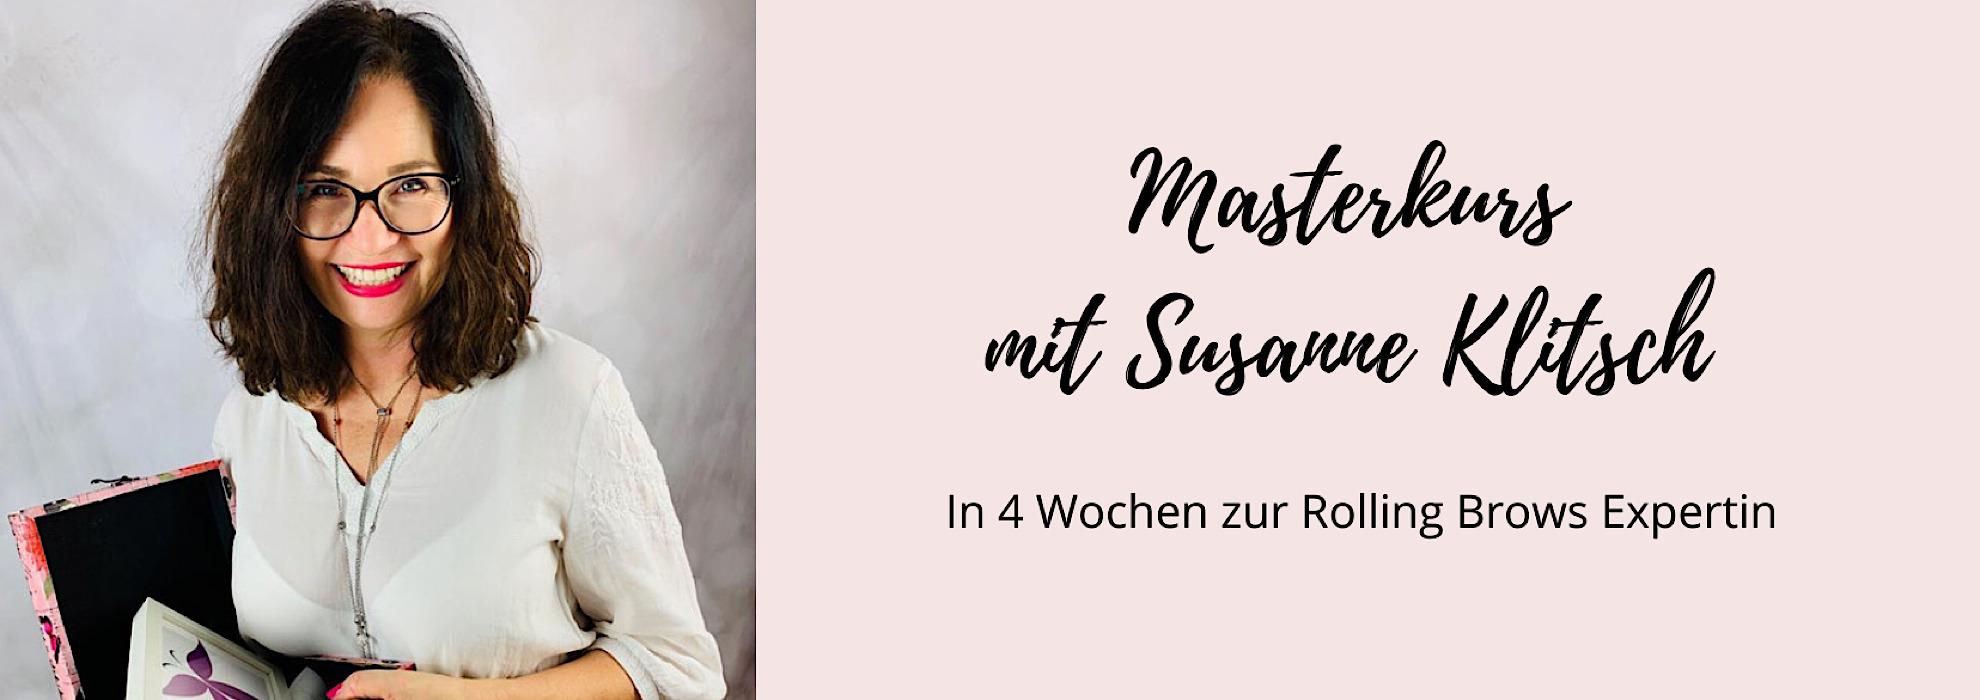 Masterkurs Rolling Brows Trainerin Susanne Klitsch